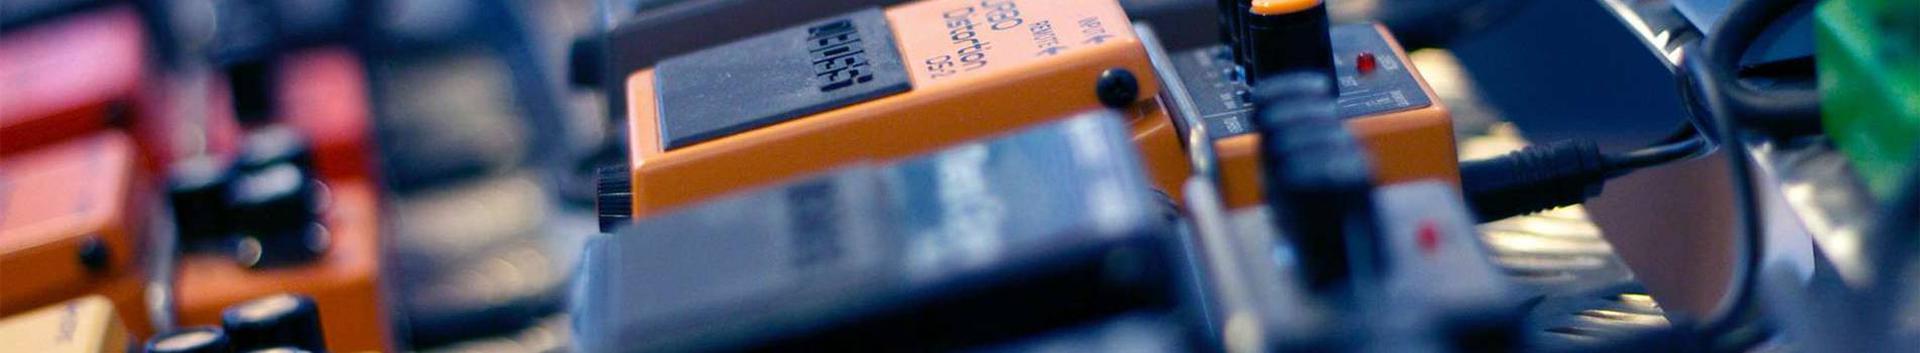 4669_muude-masinate-hulgimuuk_42463891_xl.jpg